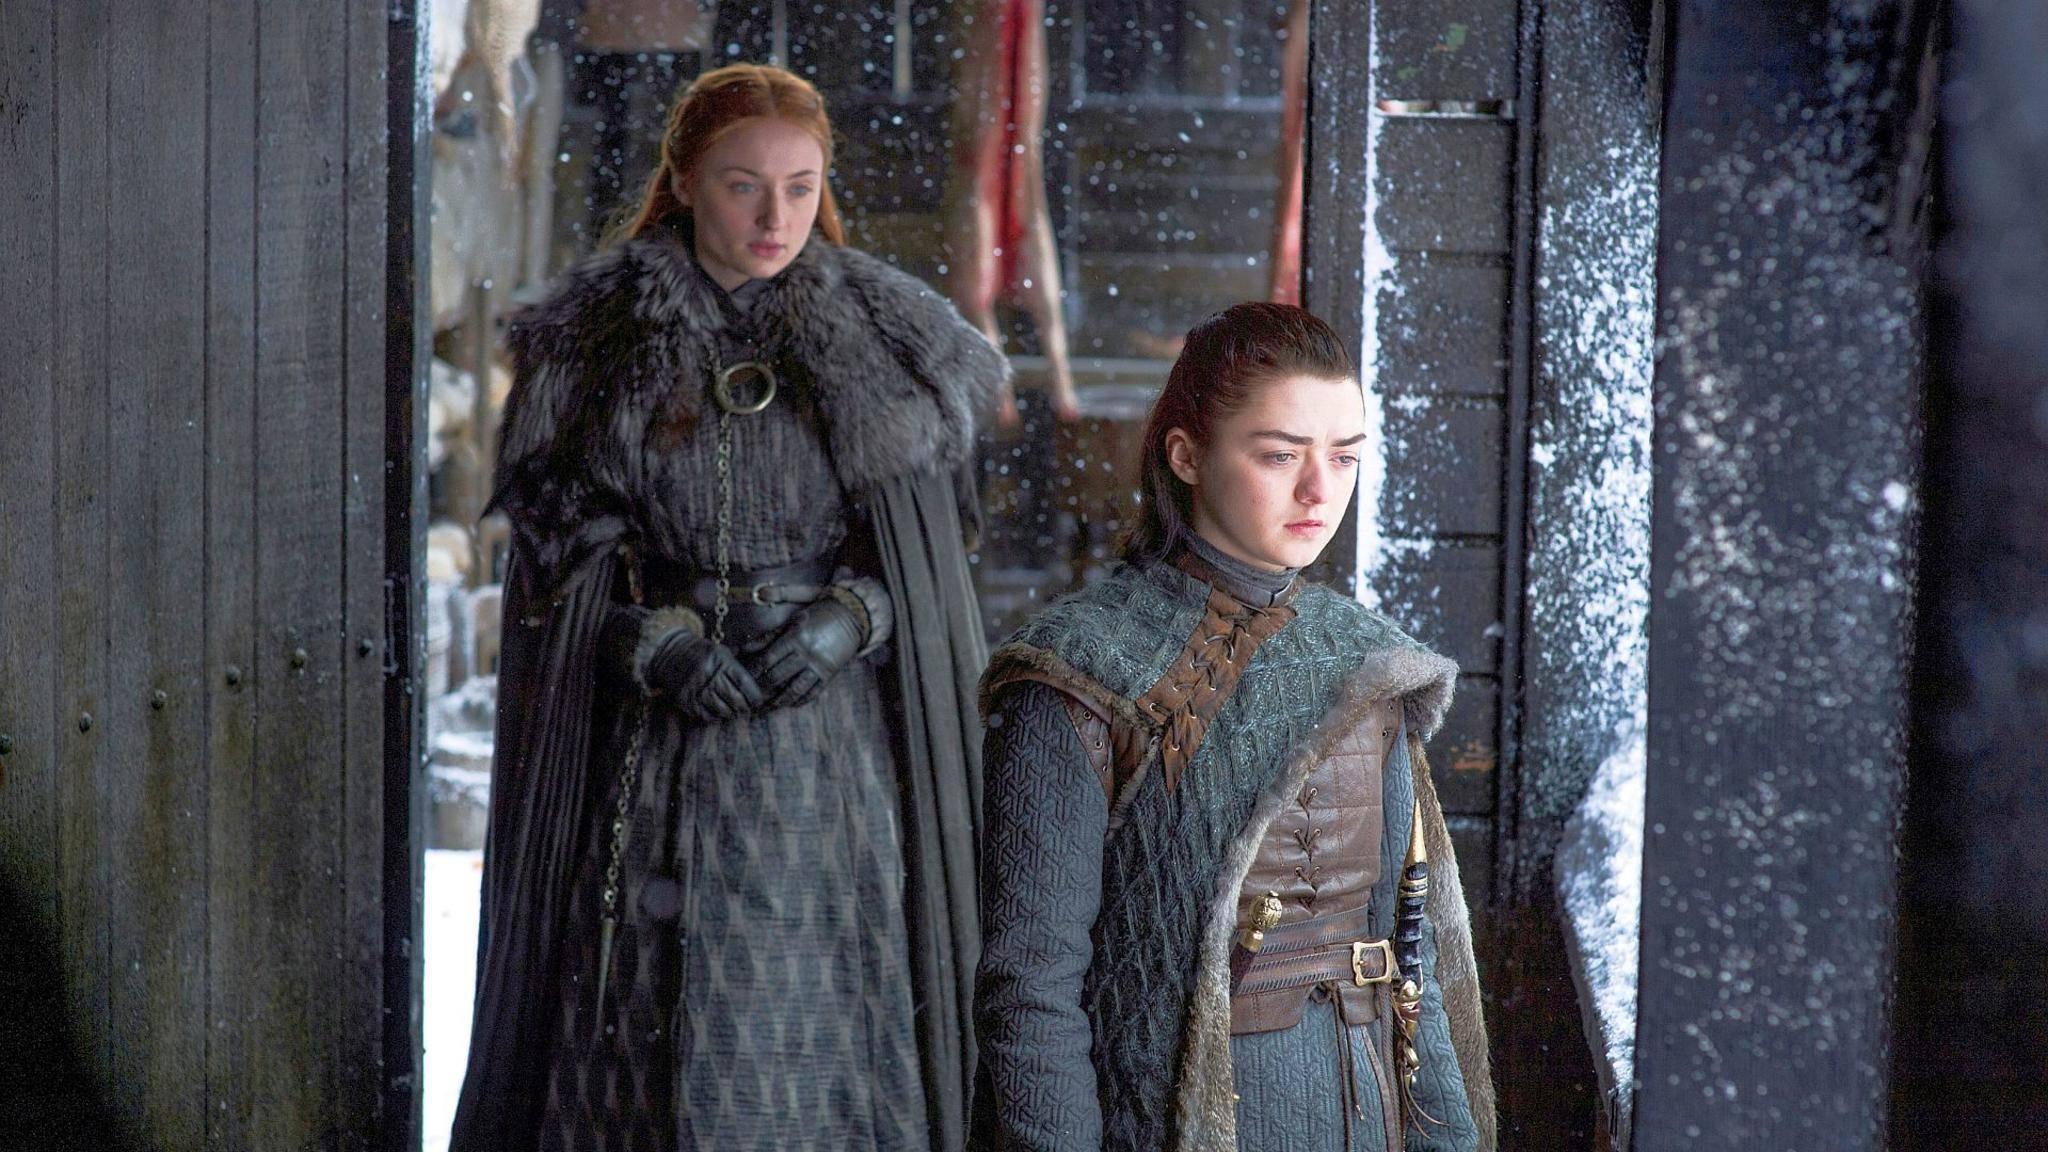 Die Wandlung von Arya kommt leider etwas gehetzt und plötzlich.